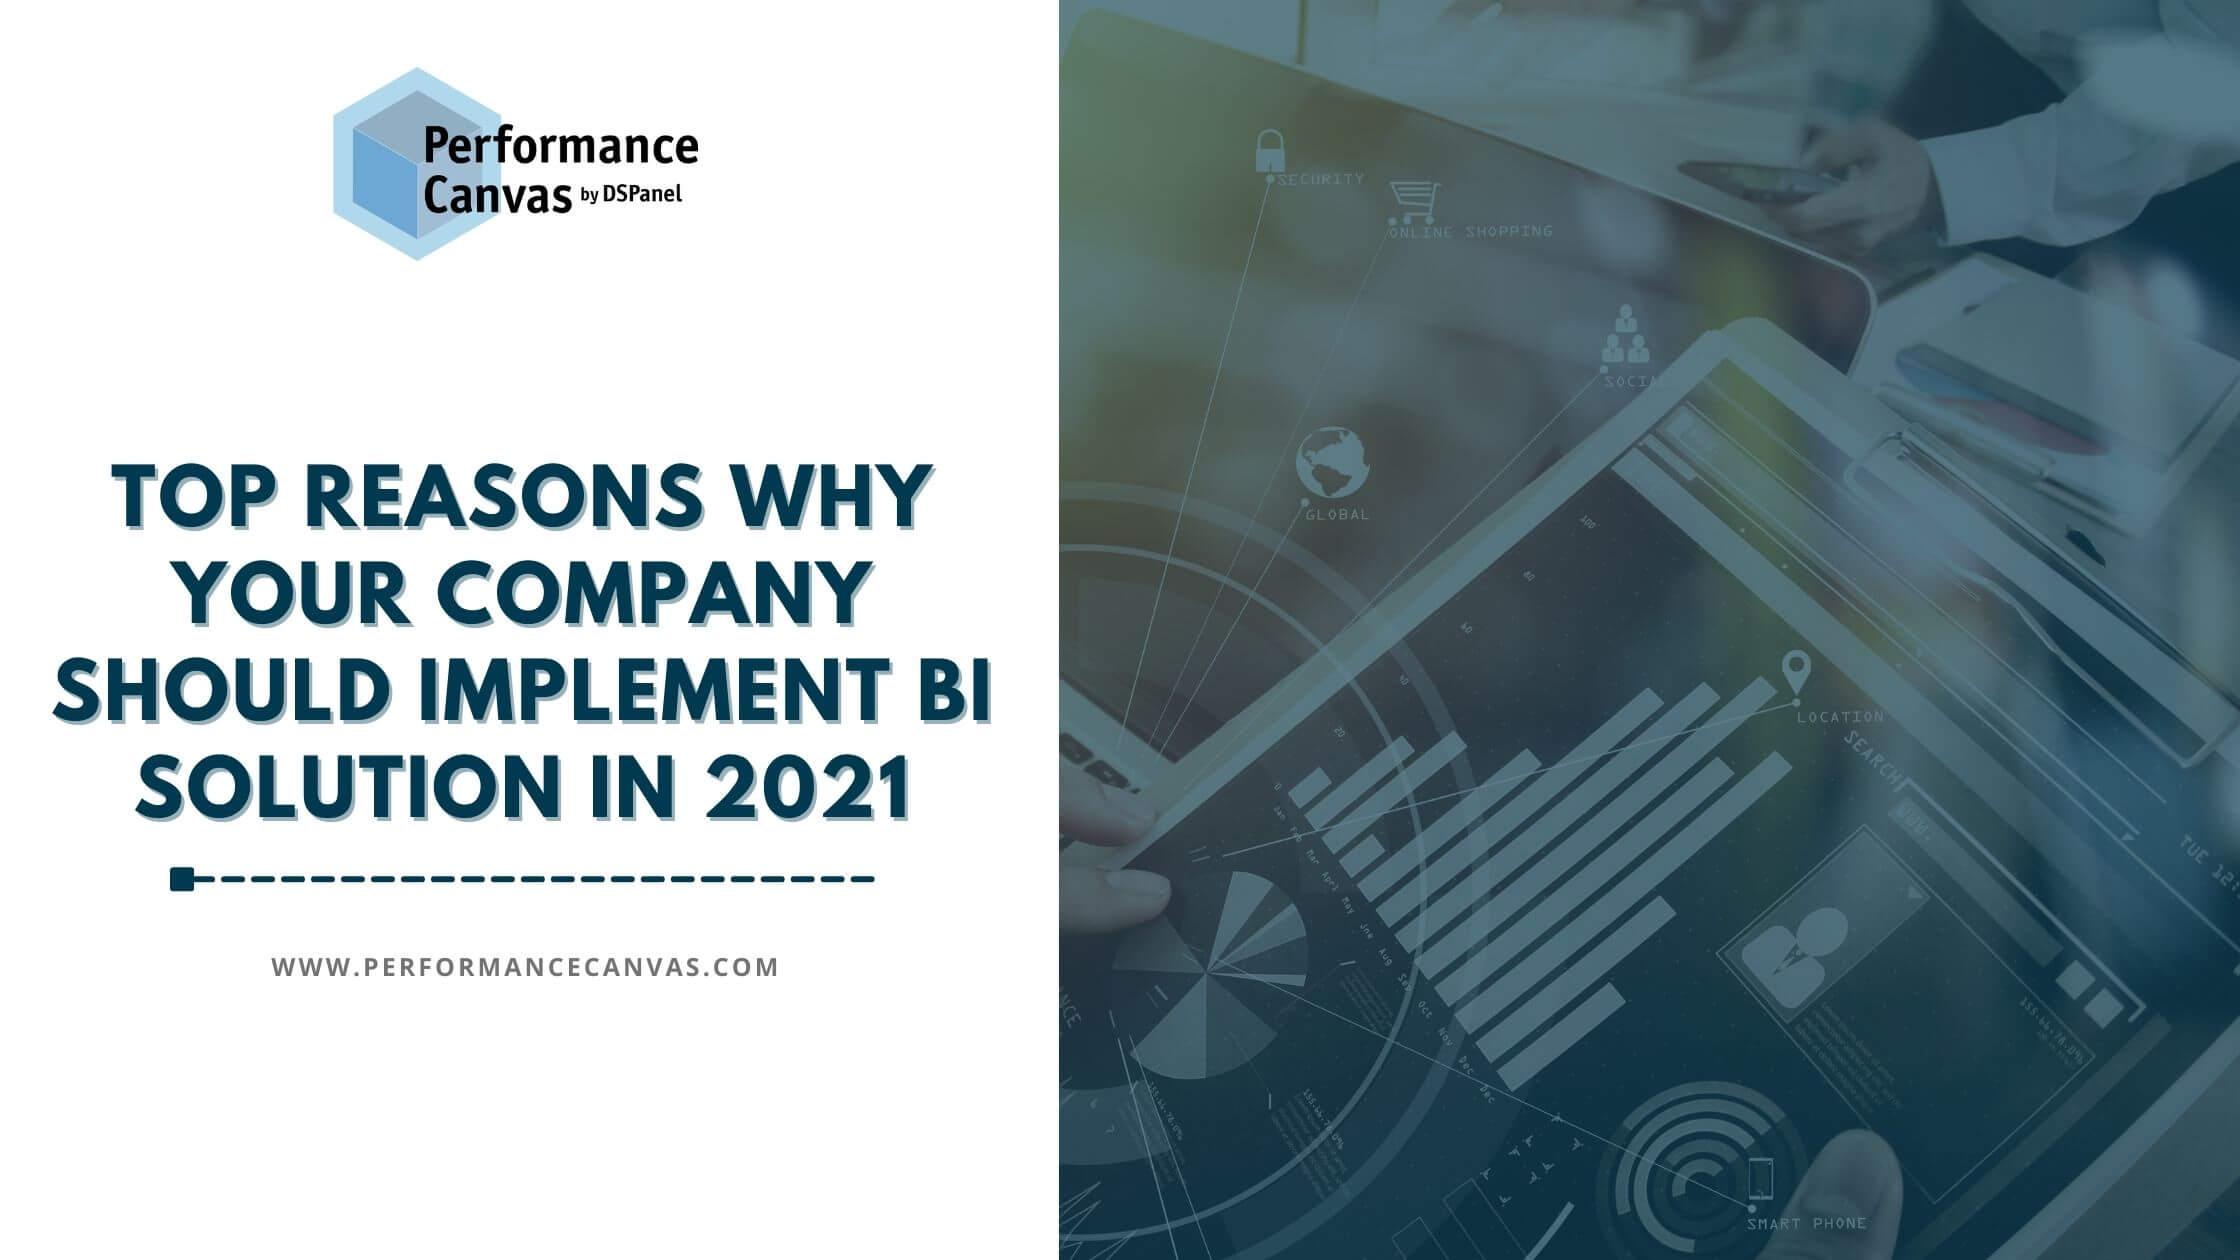 bi solution in 2021